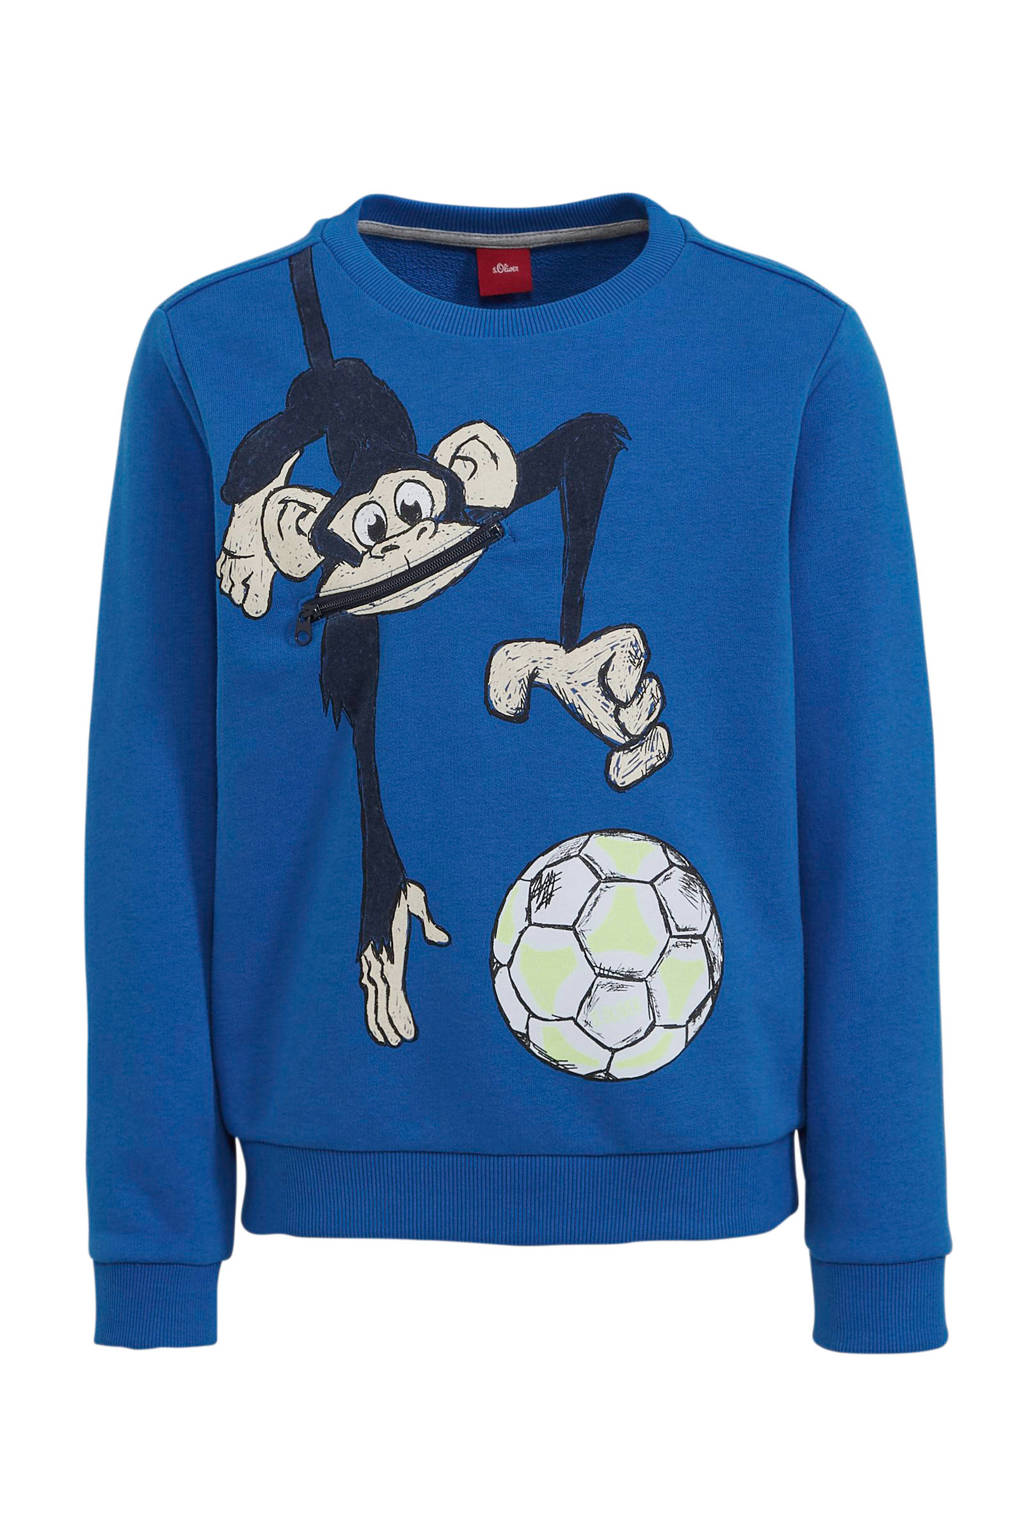 s.Oliver sweater met printopdruk blauw/donkerblauw/geel, Blauw/donkerblauw/geel